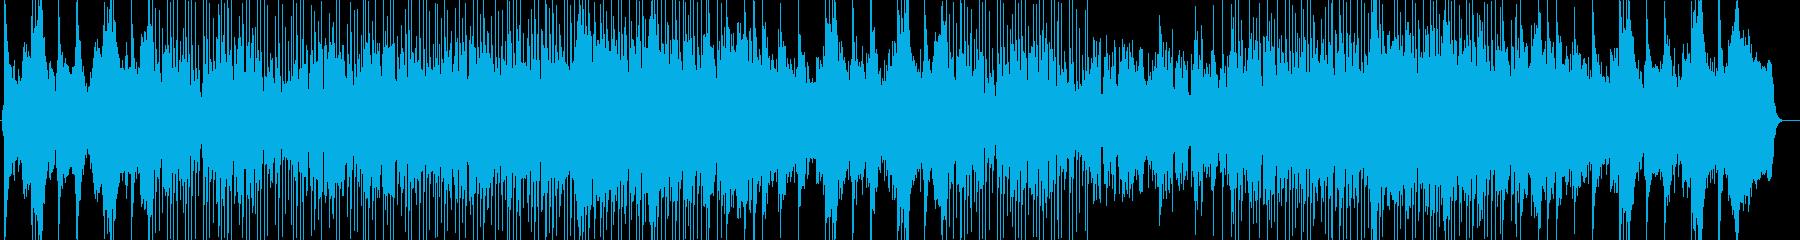 爽やかなシンセ・ピアノなどのサウンドの再生済みの波形